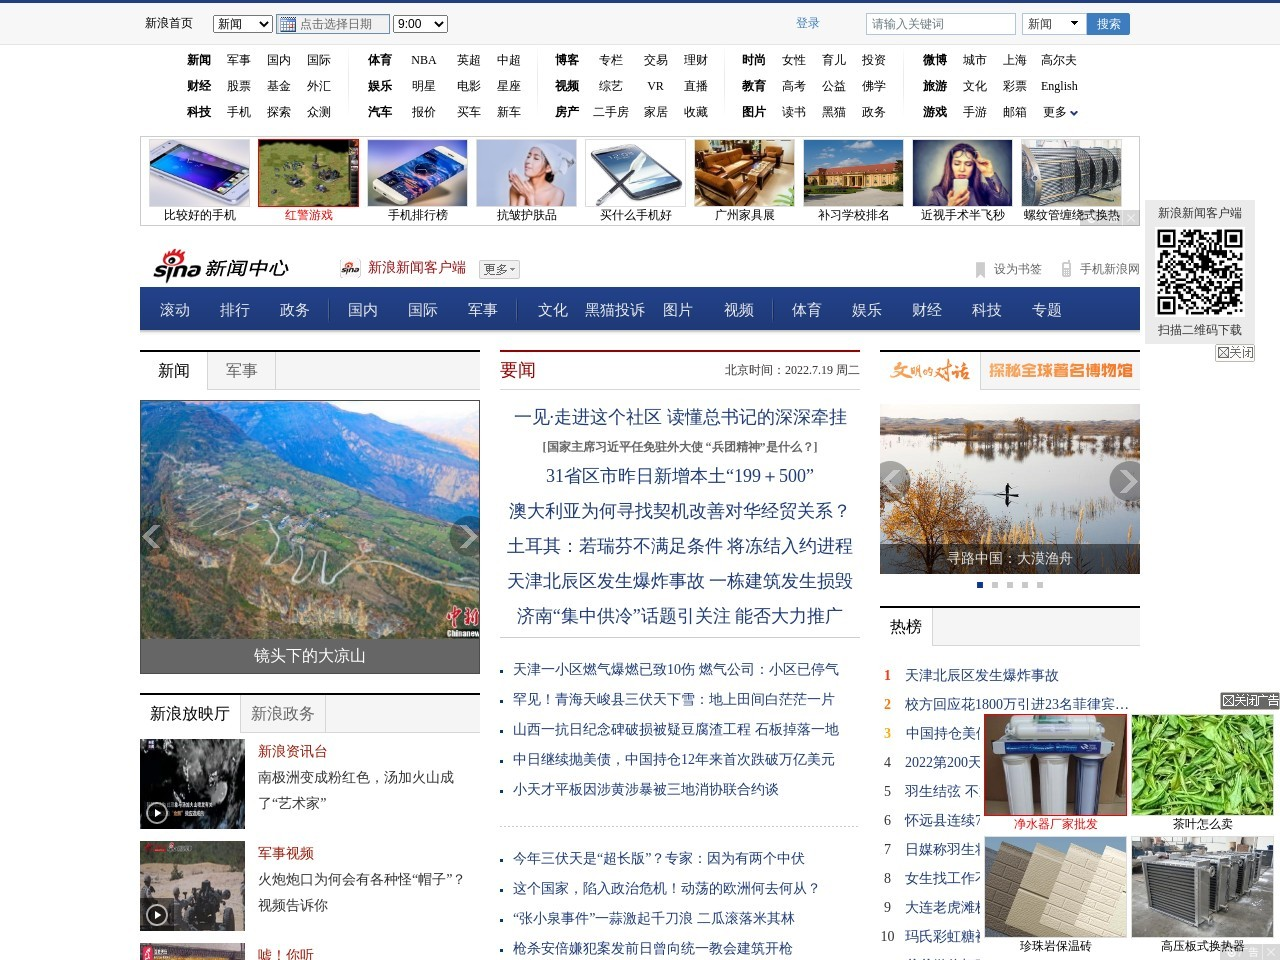 多地降级!全国现有4+11个高中风险区,一图尽览 黑龙江 抚顺 哈尔滨_新浪新闻